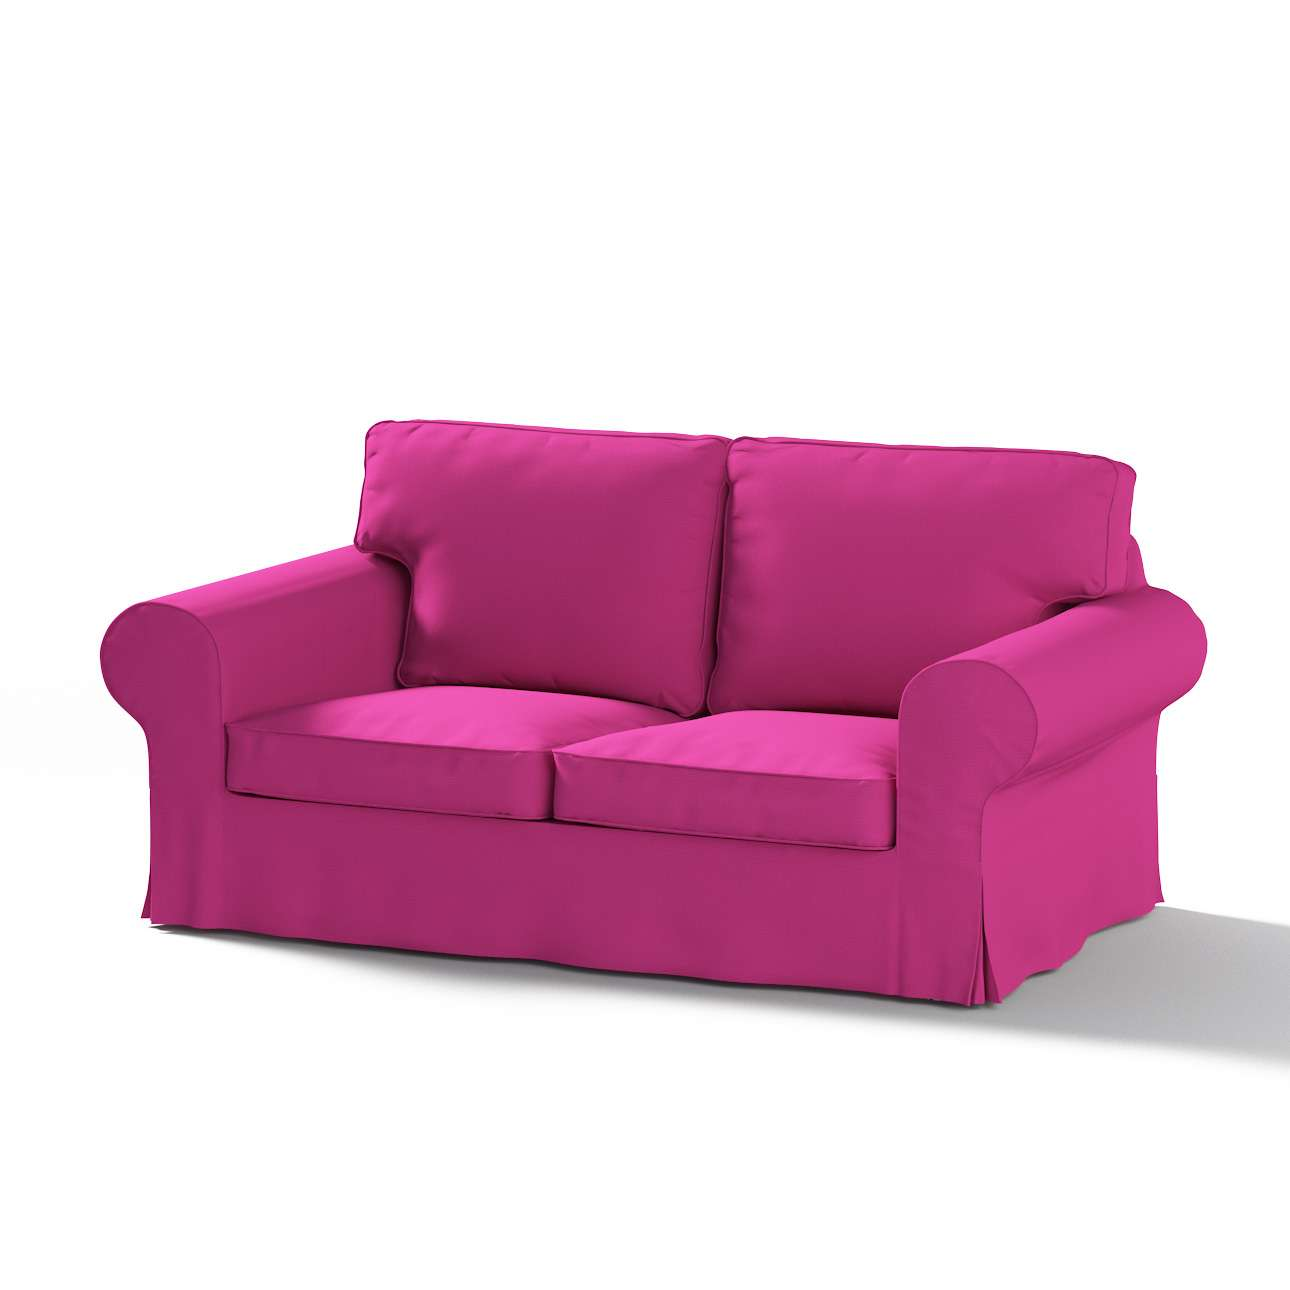 Poťah na sedačku Ektorp (rozkladacia, pre 2 osoby) NOVÝ MODEL 2012 V kolekcii Etna, tkanina: 705-23